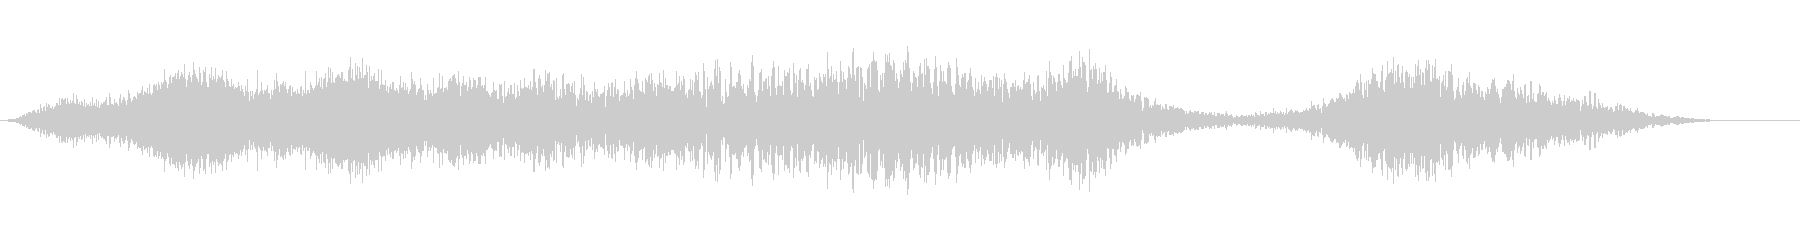 ディープダークプレイスの未再生の波形